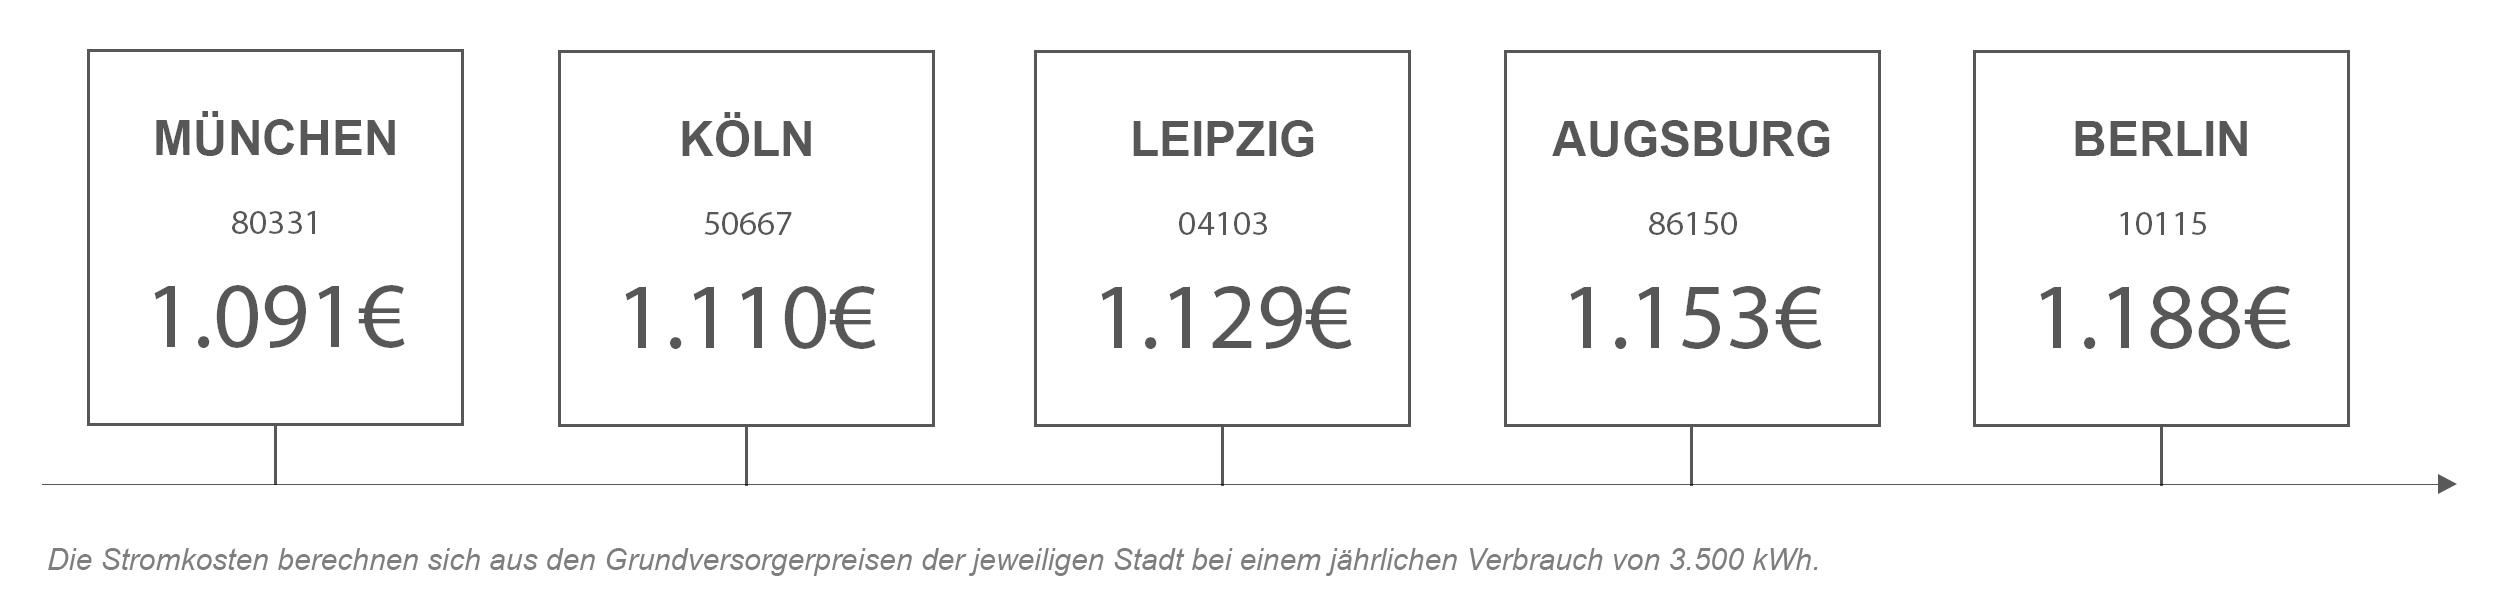 Strompreisvergleich von Köln mit anderen Städten